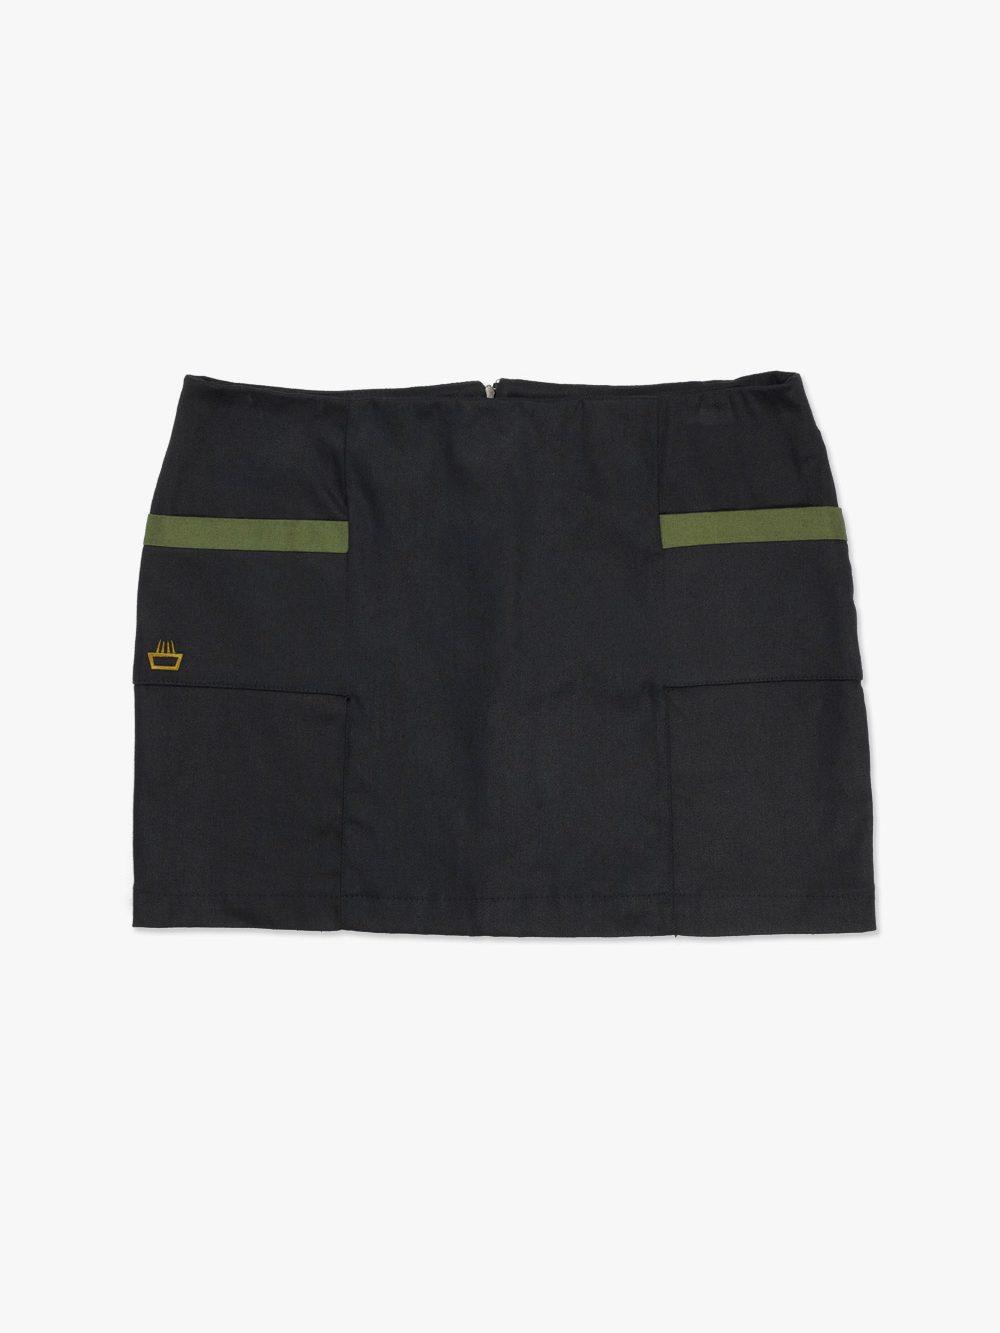 minifalda de cáñamo edición limitada diseño exclusivo mimaria hempworks color negro con detalles verde oliva fabricada a mano en Asturias